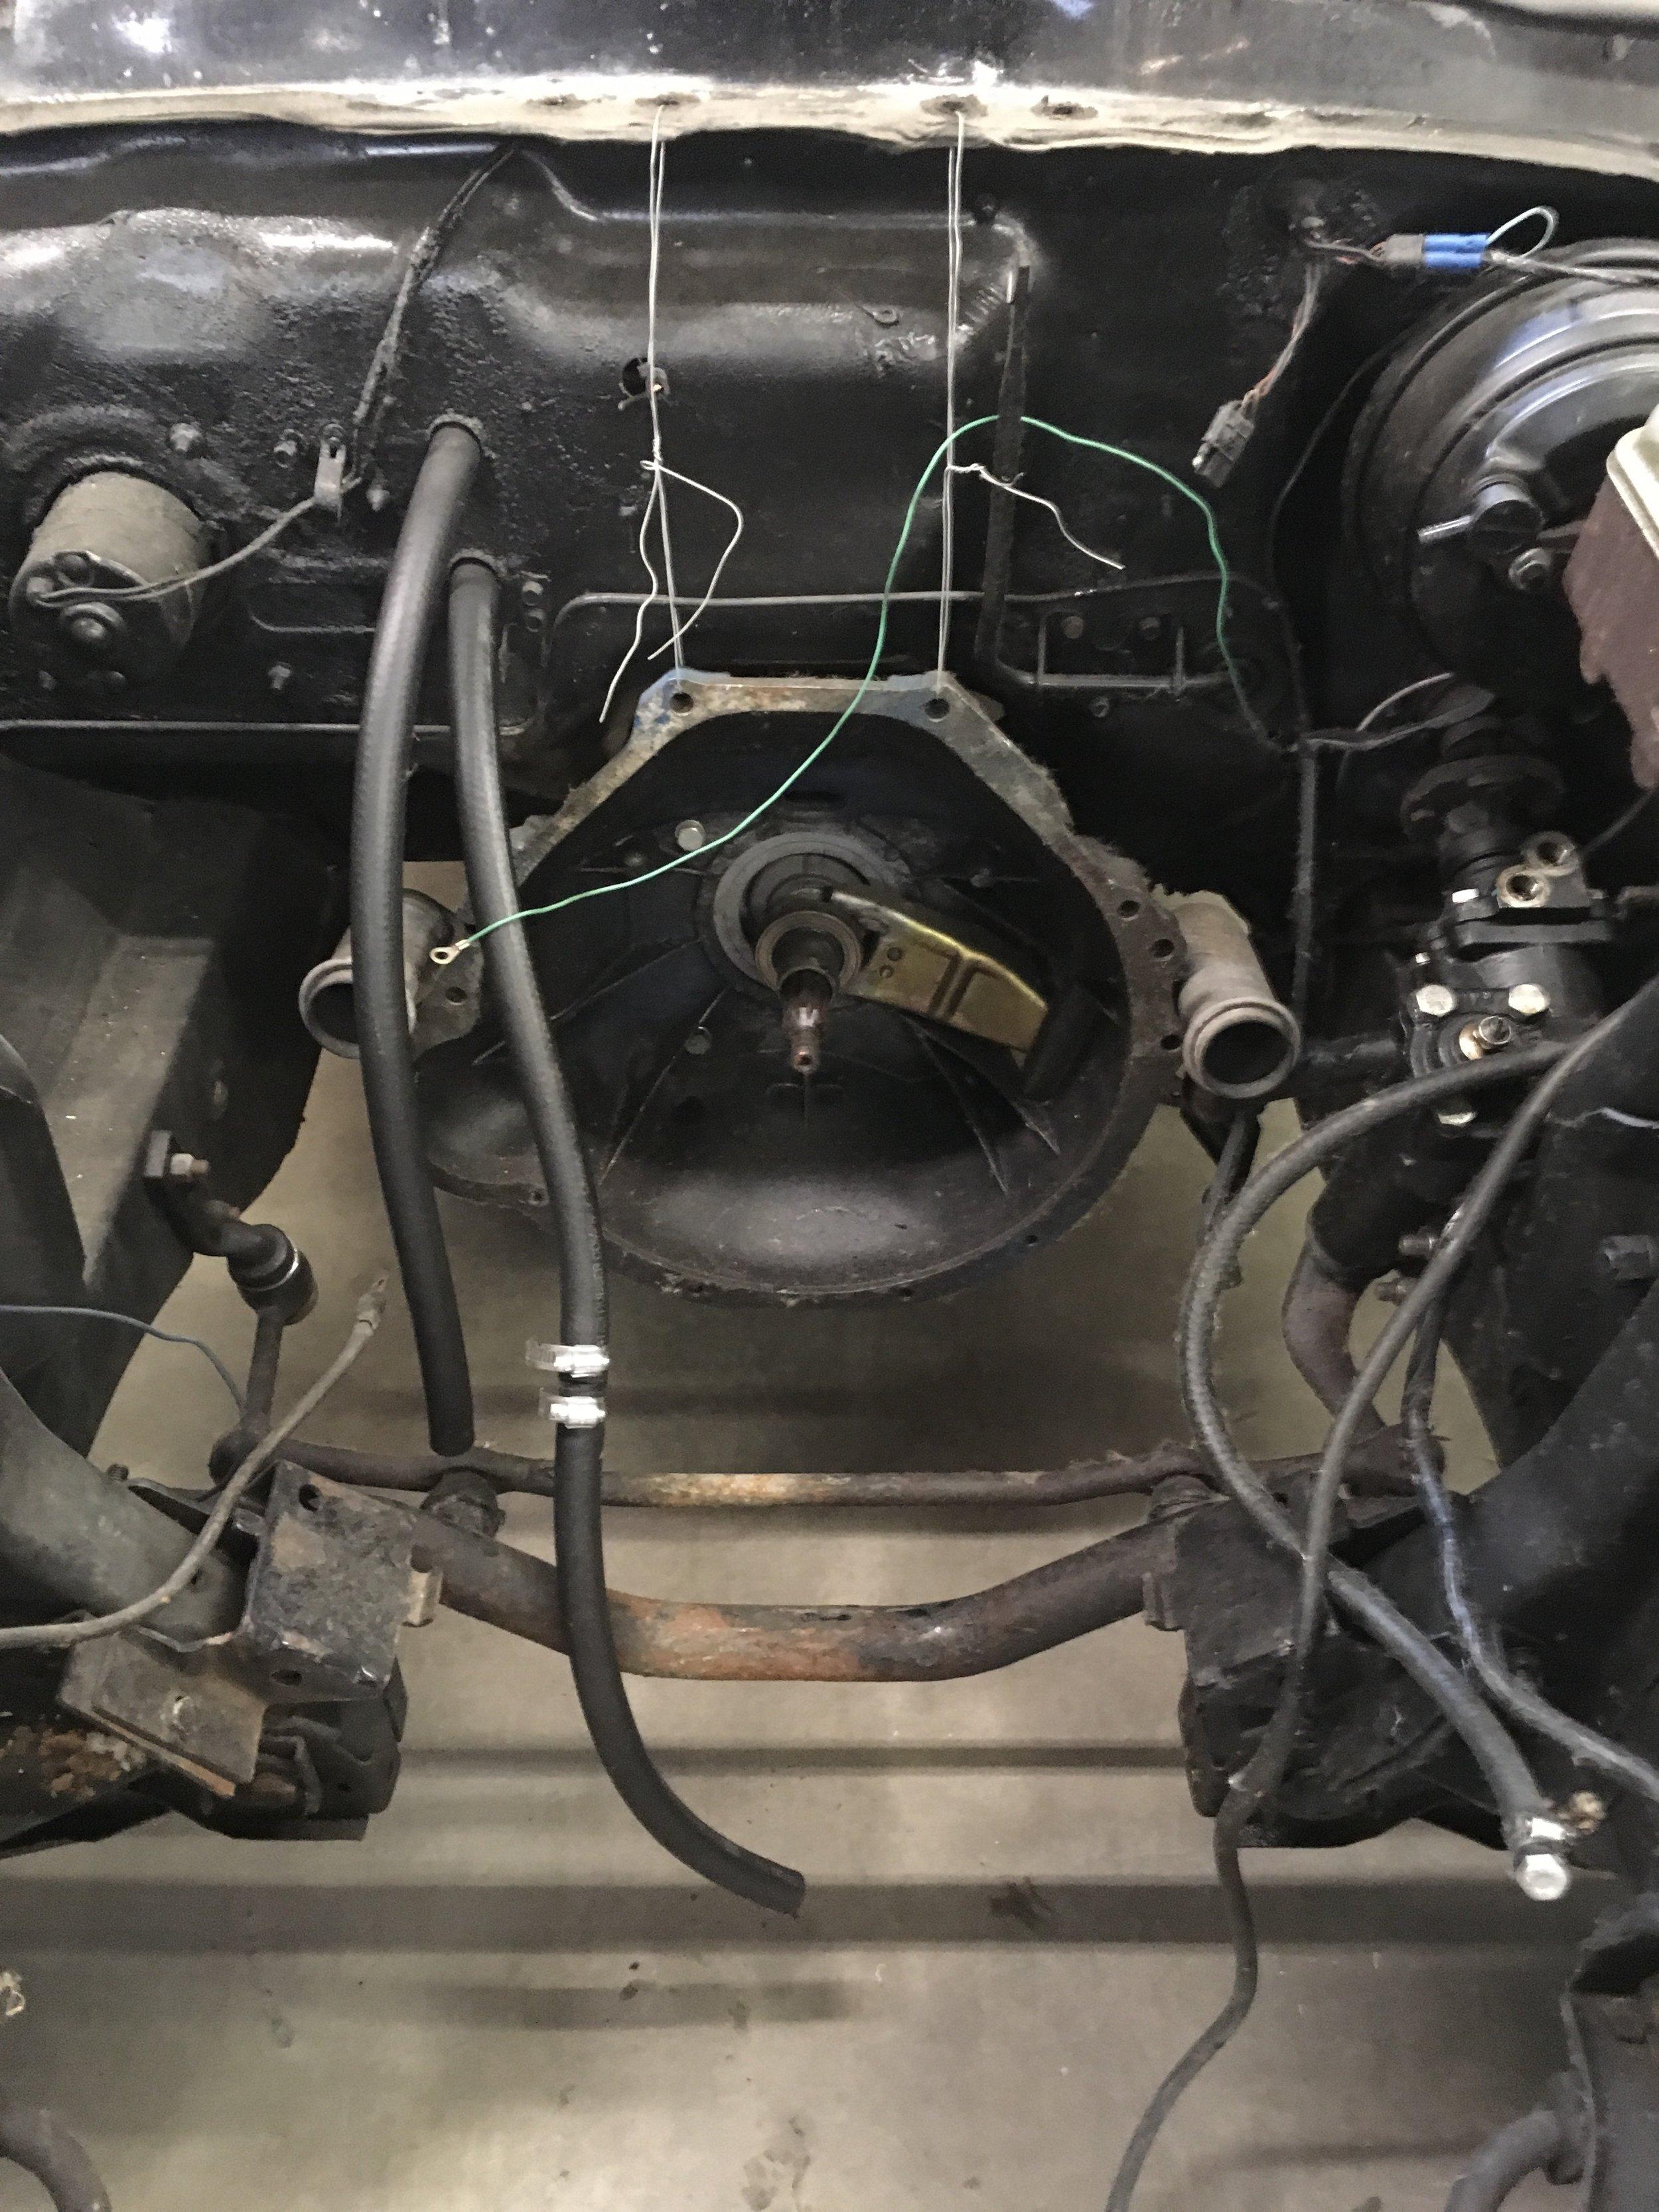 minnesota-car-restoration-hot-rod-factory-1968-black-mustang.jpg